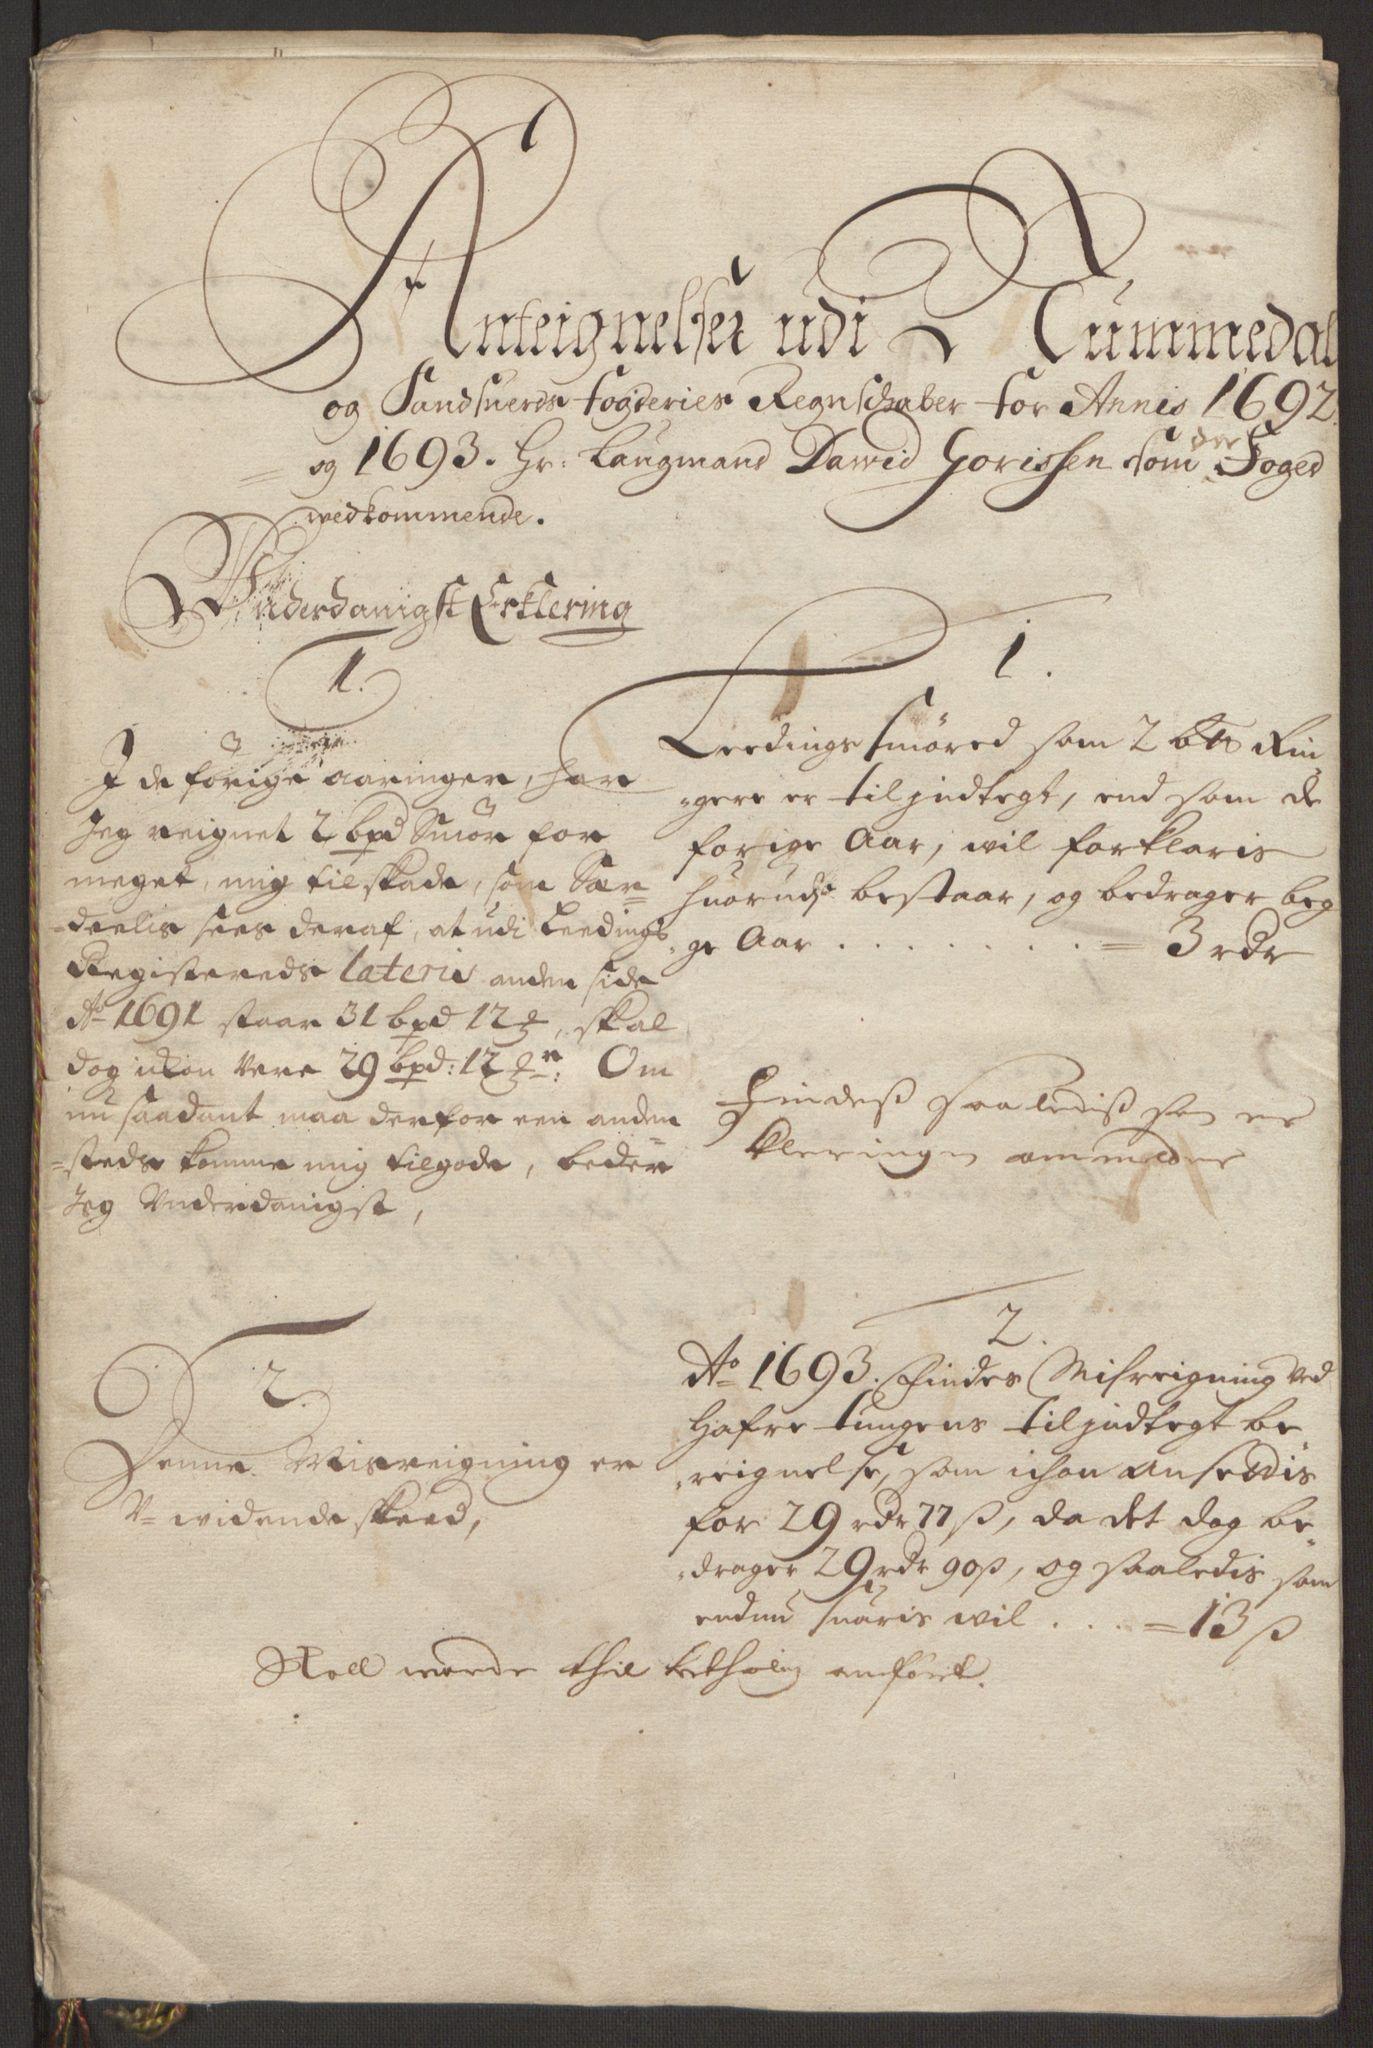 RA, Rentekammeret inntil 1814, Reviderte regnskaper, Fogderegnskap, R24/L1575: Fogderegnskap Numedal og Sandsvær, 1692-1695, s. 511